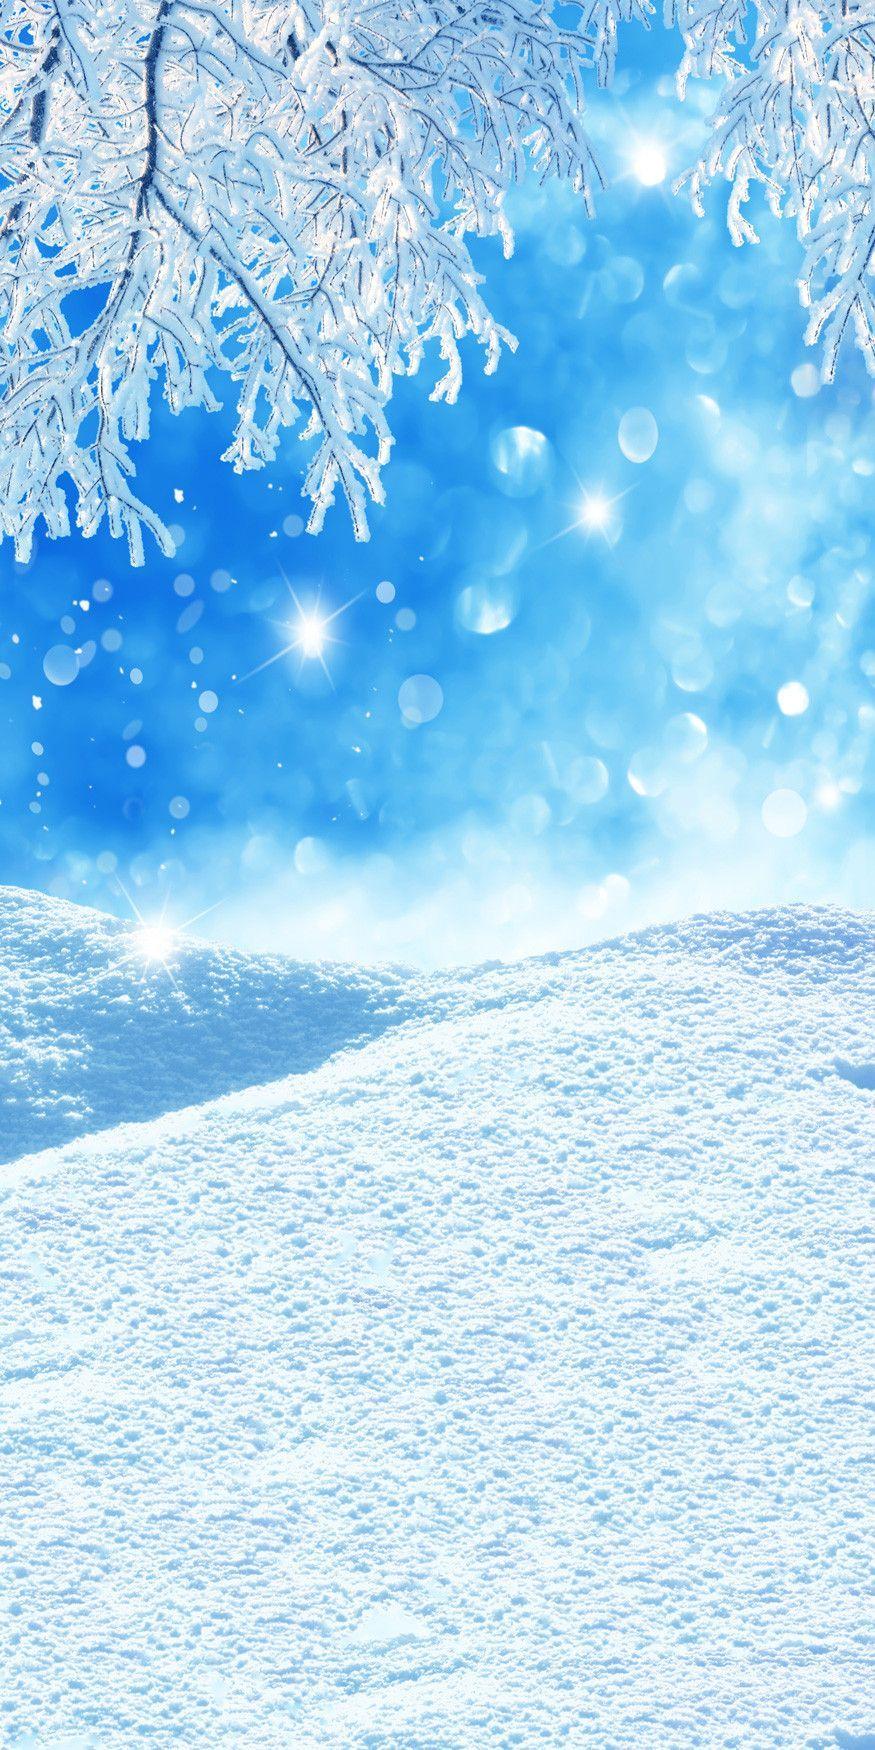 Season Backdrops Winter Backgrounds Snowy Backdrop